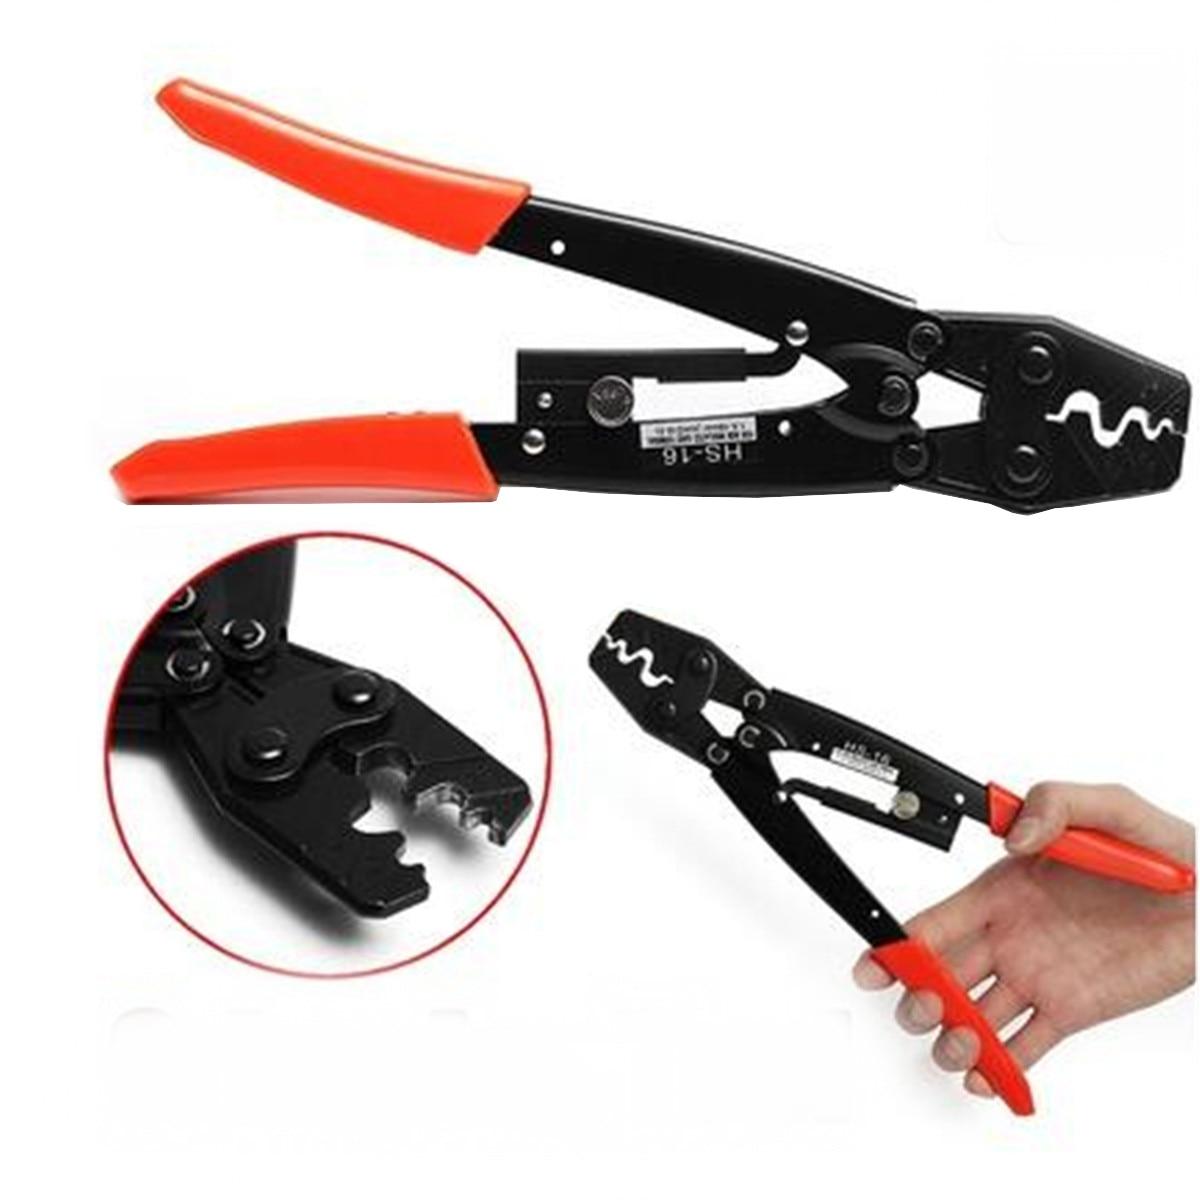 HS-16 Alicate de Friso Alicate de Arame Cortador de Cabo Lug Crimper Ferramenta Terminal Nua 1.25-16 Milímetro Quadrado Cortadores de Corte De Mão ferramenta